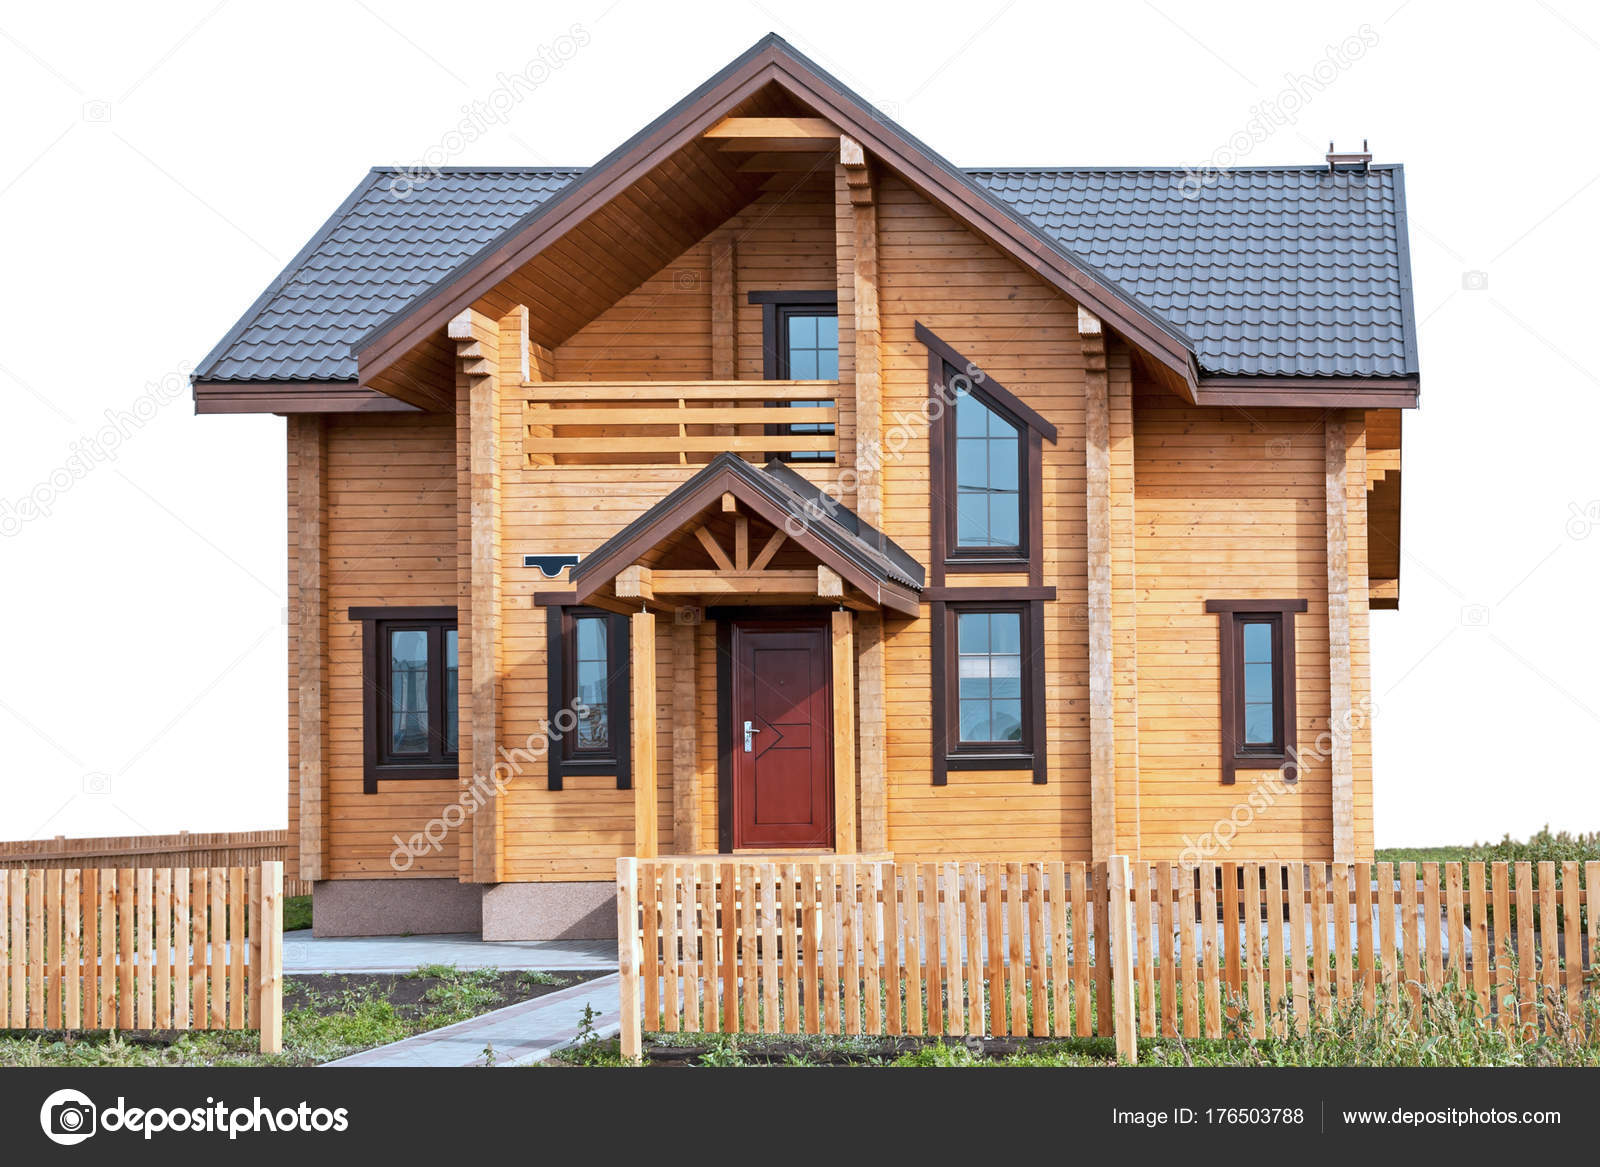 Een Nieuw Huis : Nieuw huis uit geprofileerde bar op wit u2014 stockfoto © ra3rn #176503788